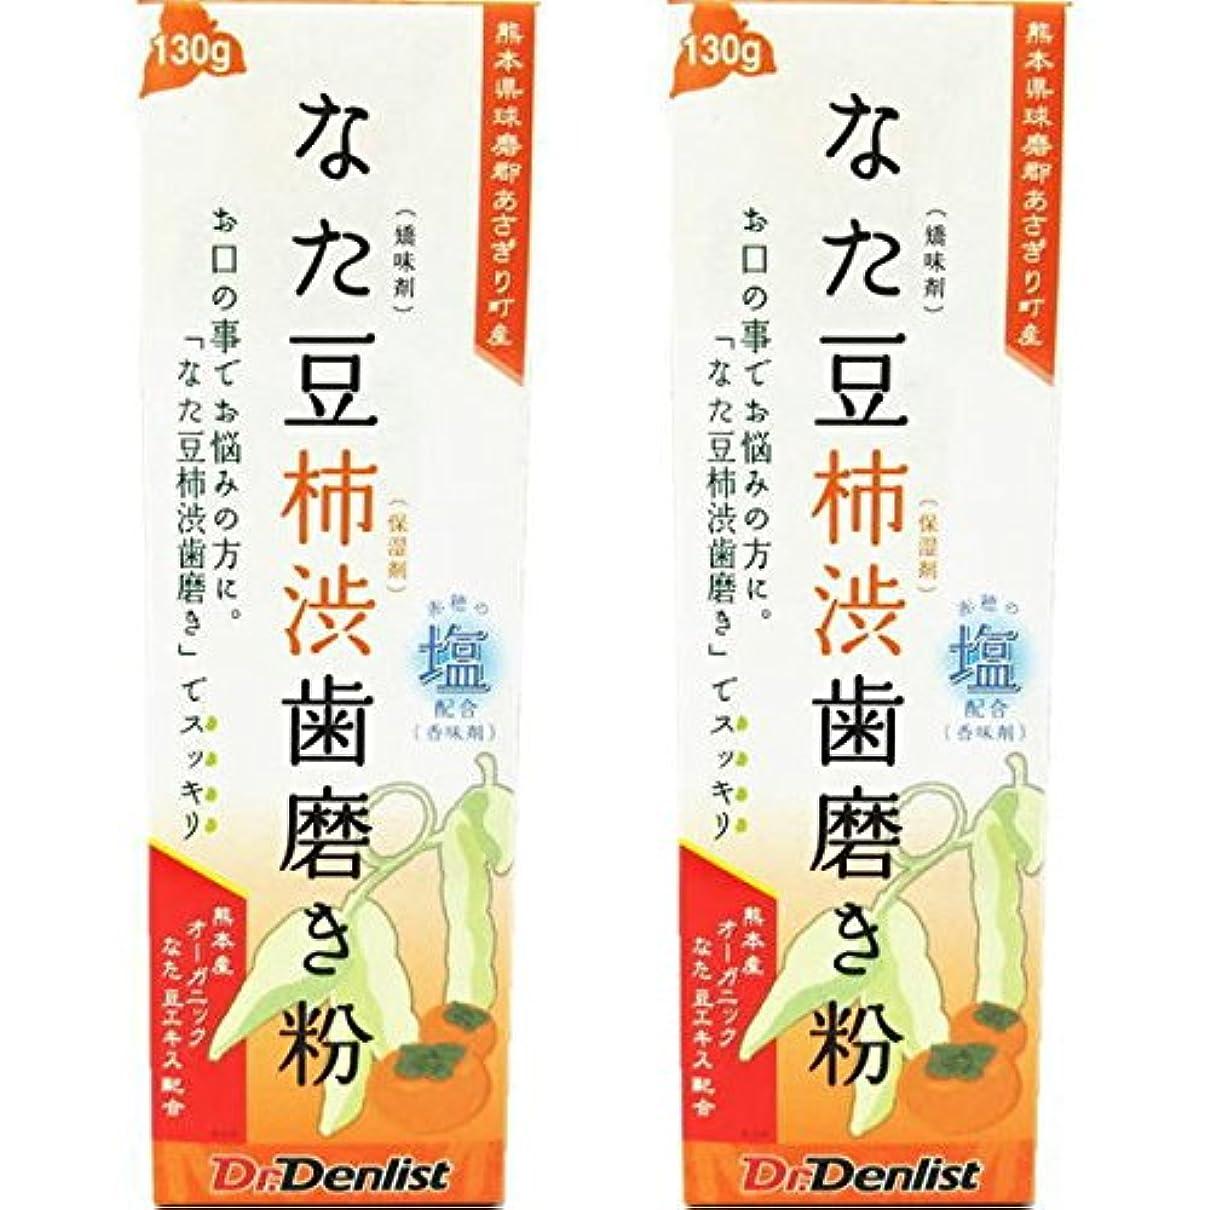 ミシンバッグ振動させるなた豆柿渋歯磨き 130g 2個セット 国産 有機なた豆使用 赤穂の塩配合(香味剤)